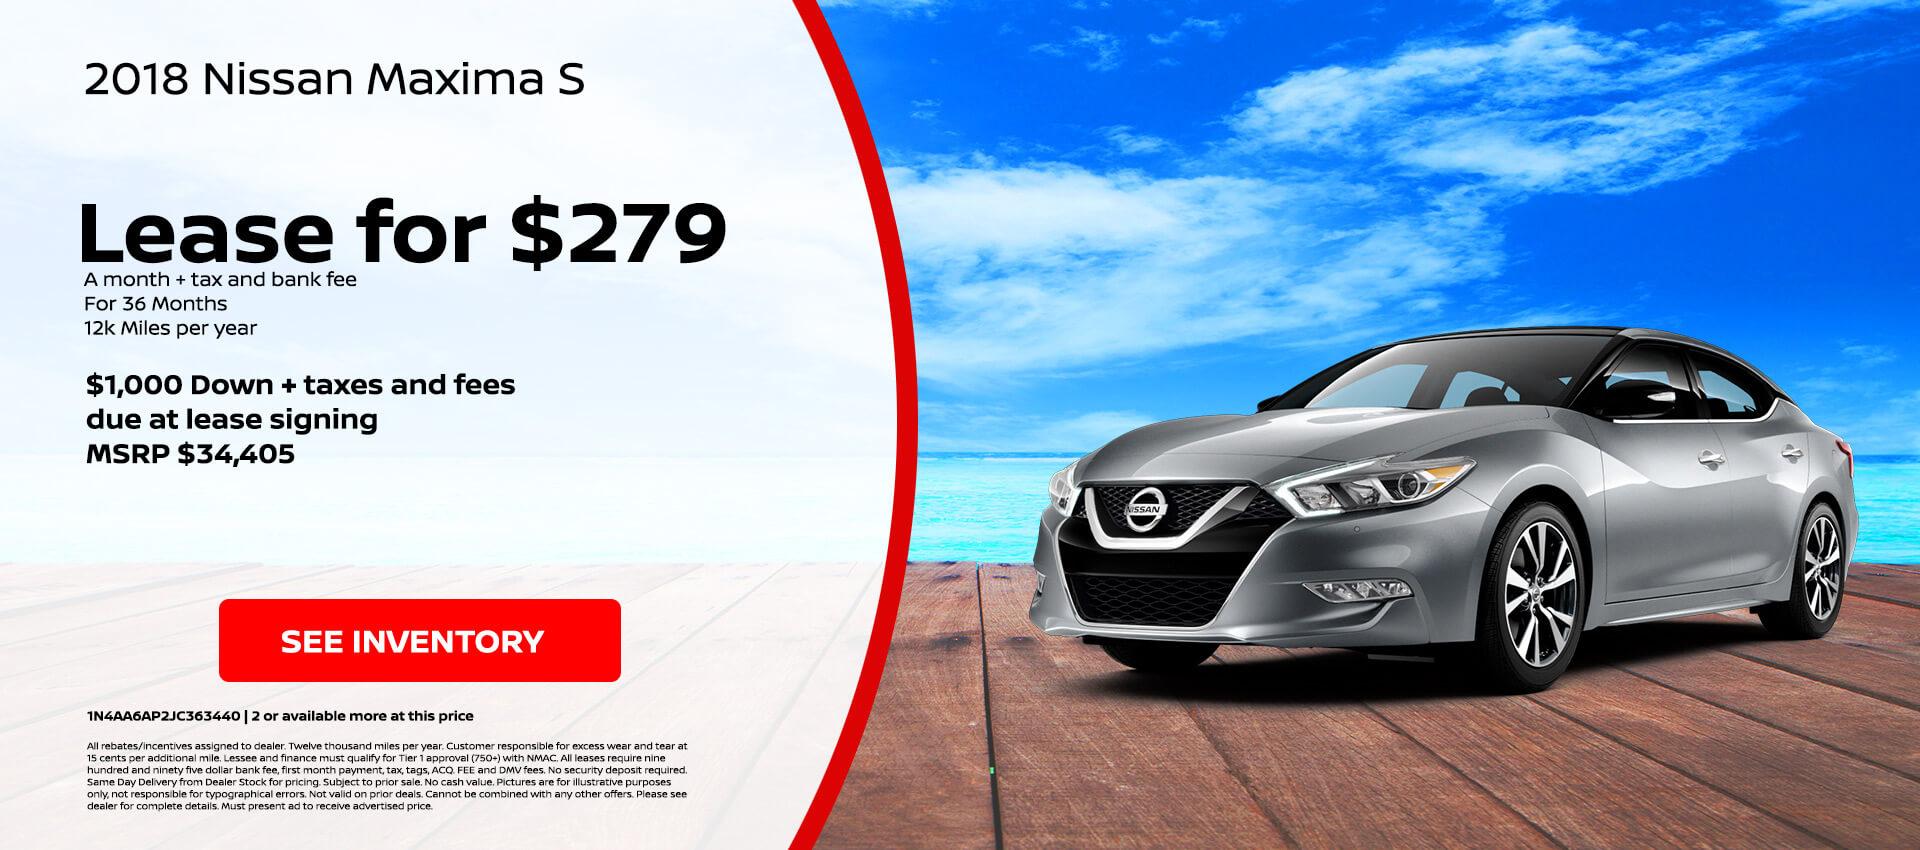 Nissan Maxima $279 Lease